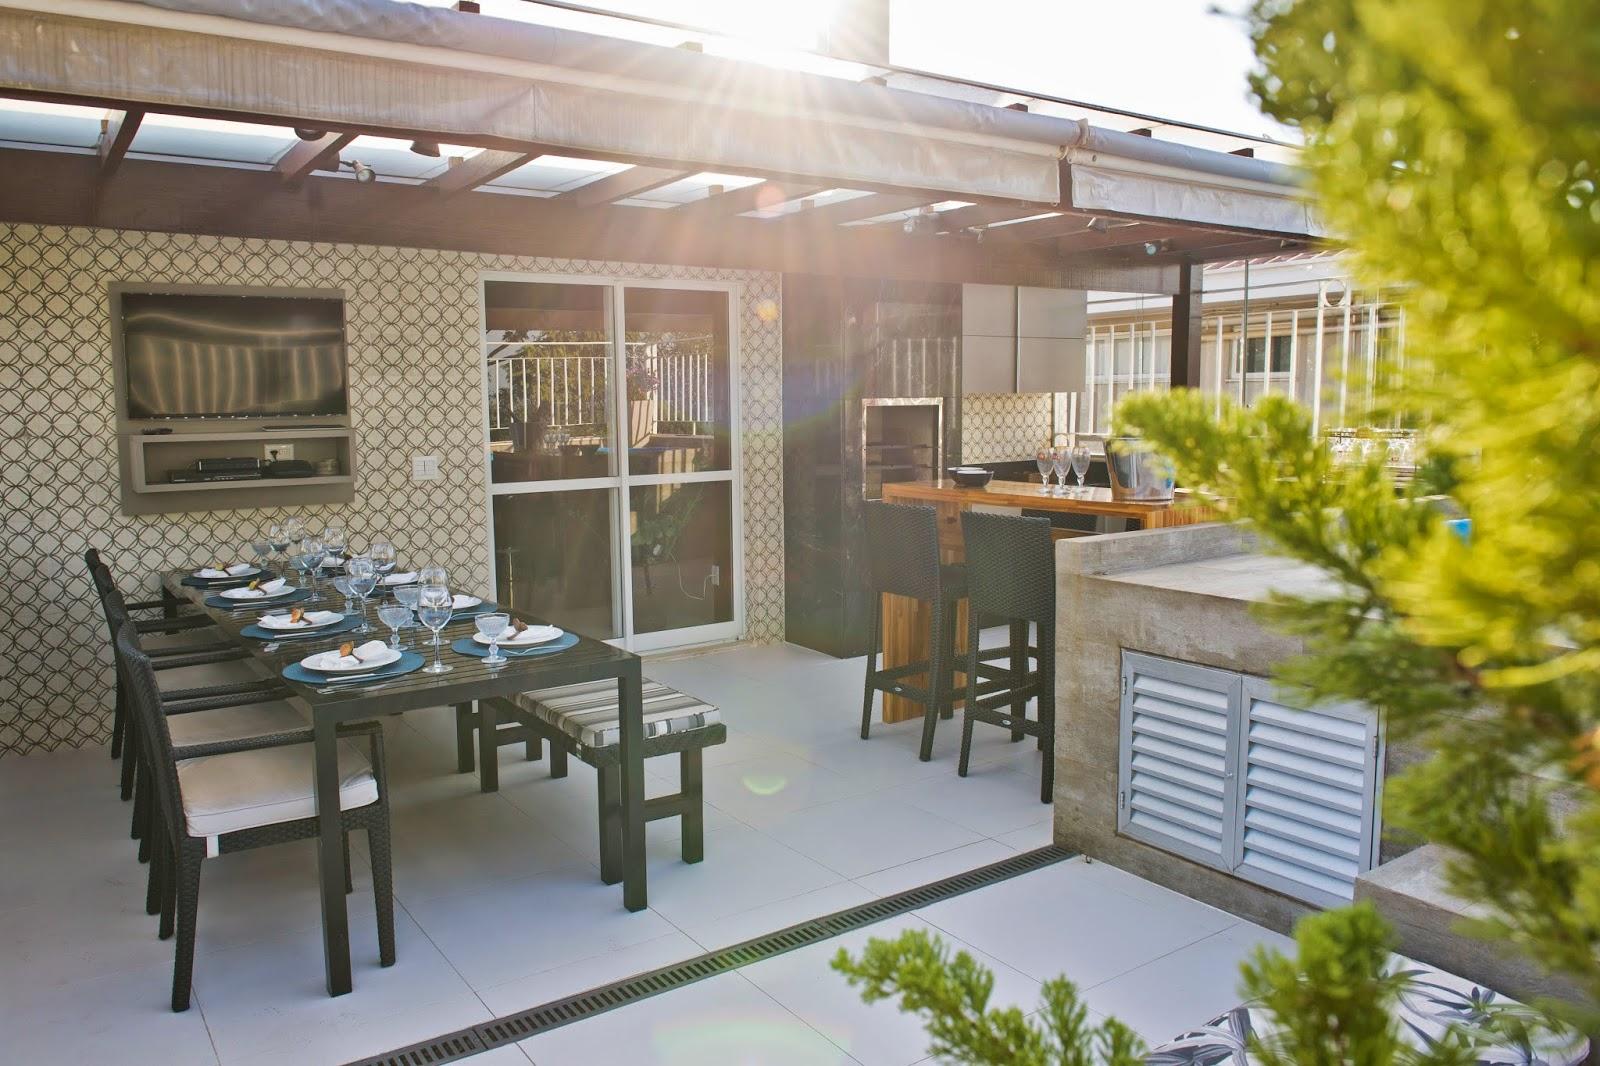 #A79E24 Blog da Juliana Faria : Projeto Área externa de cobertura 1600x1066 px Projetos De Cozinha Externa_5445 Imagens